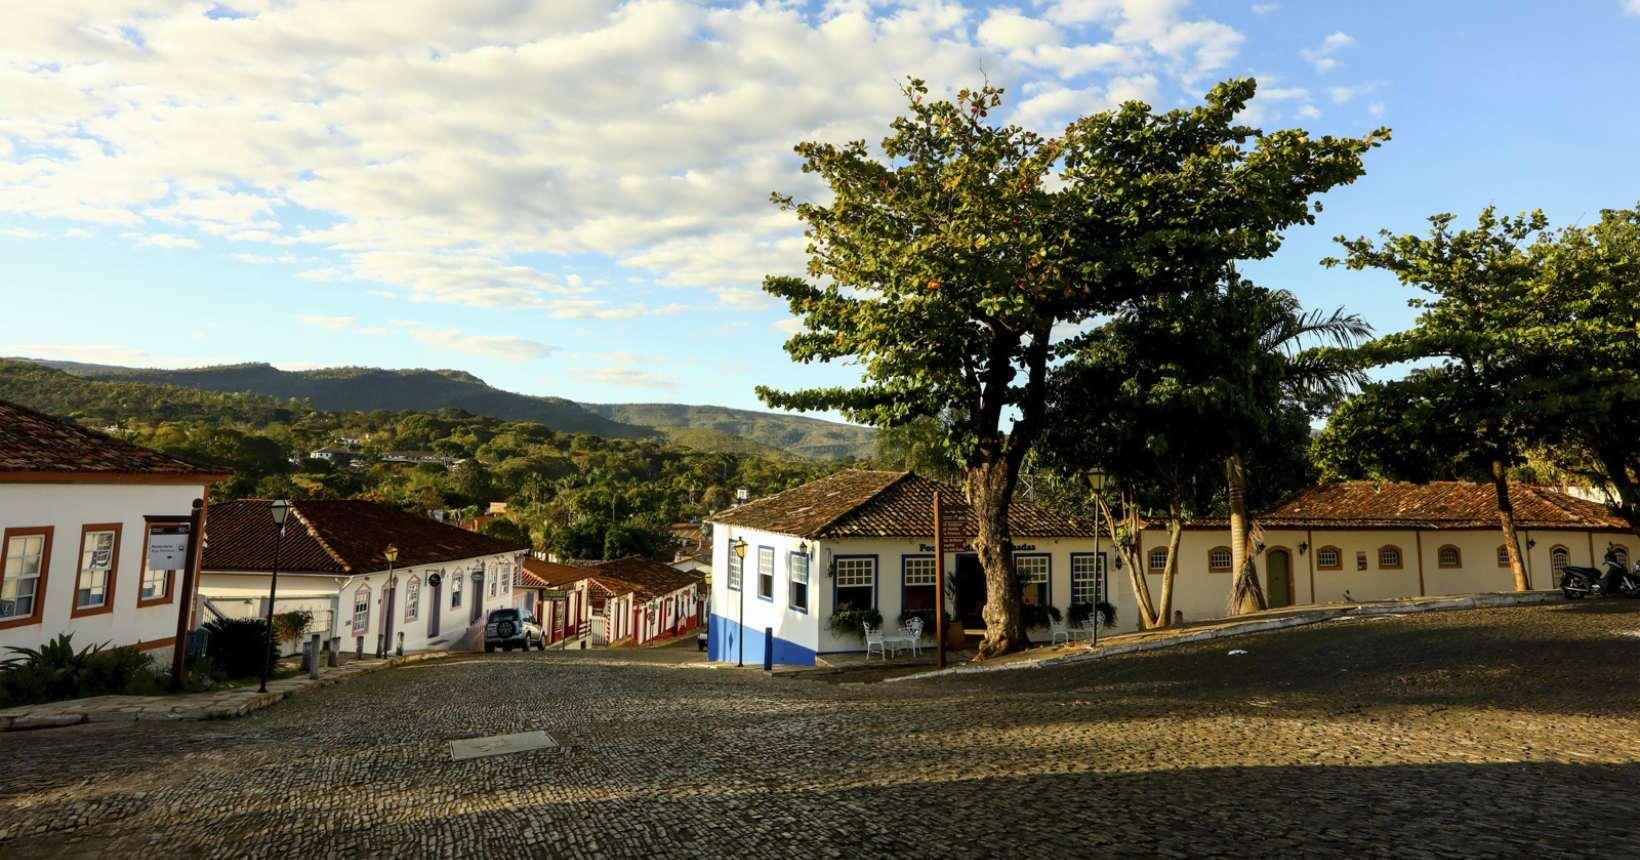 viagem de carro arredores brasilia